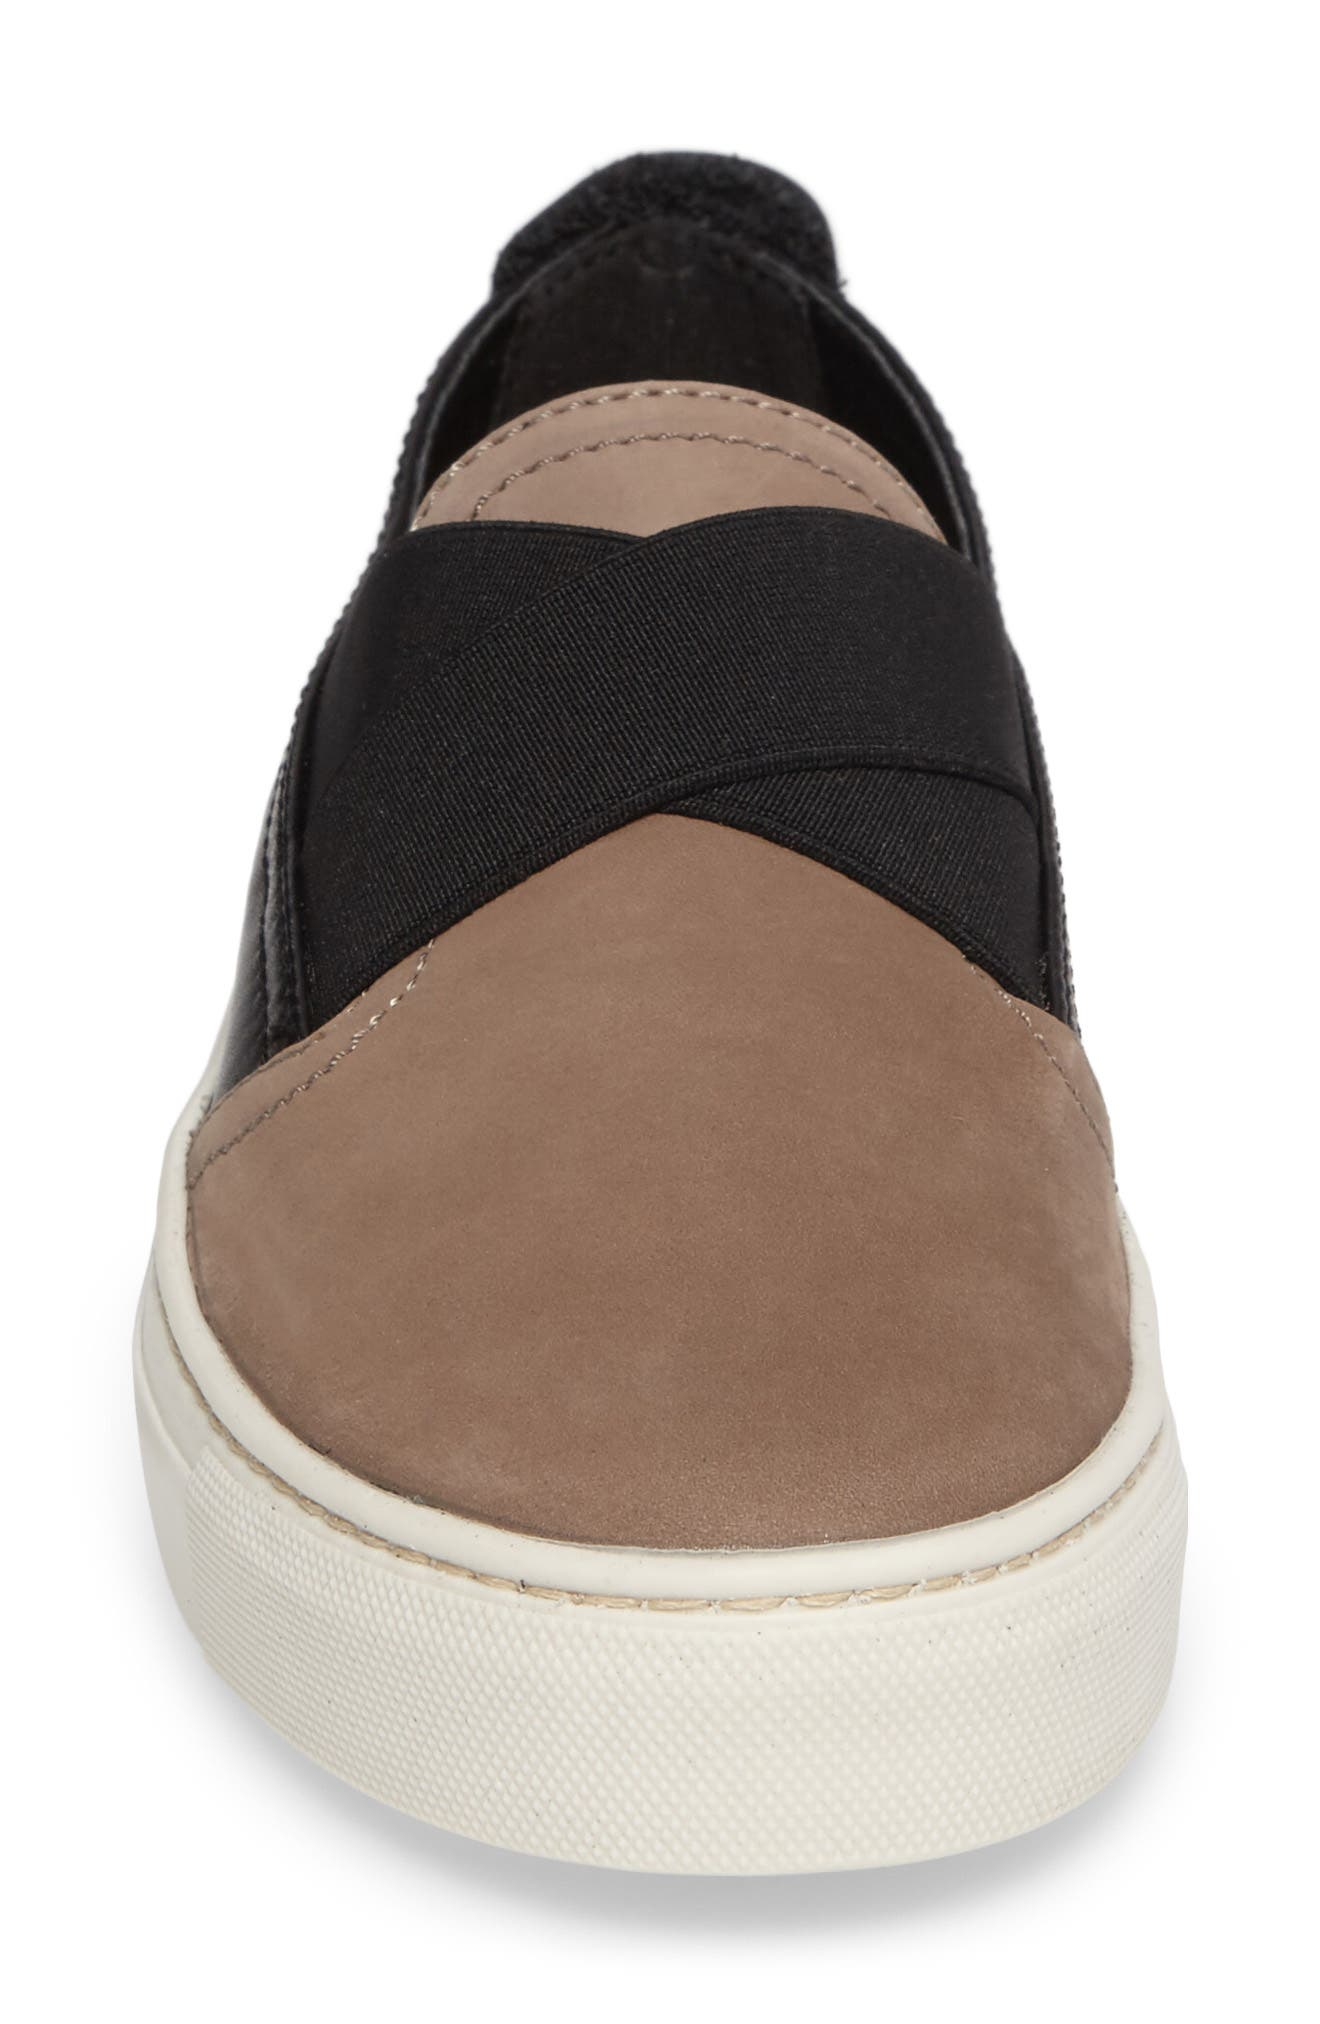 Alternate Image 4  - The FLEXX La Cross Slip-On Sneaker (Women)